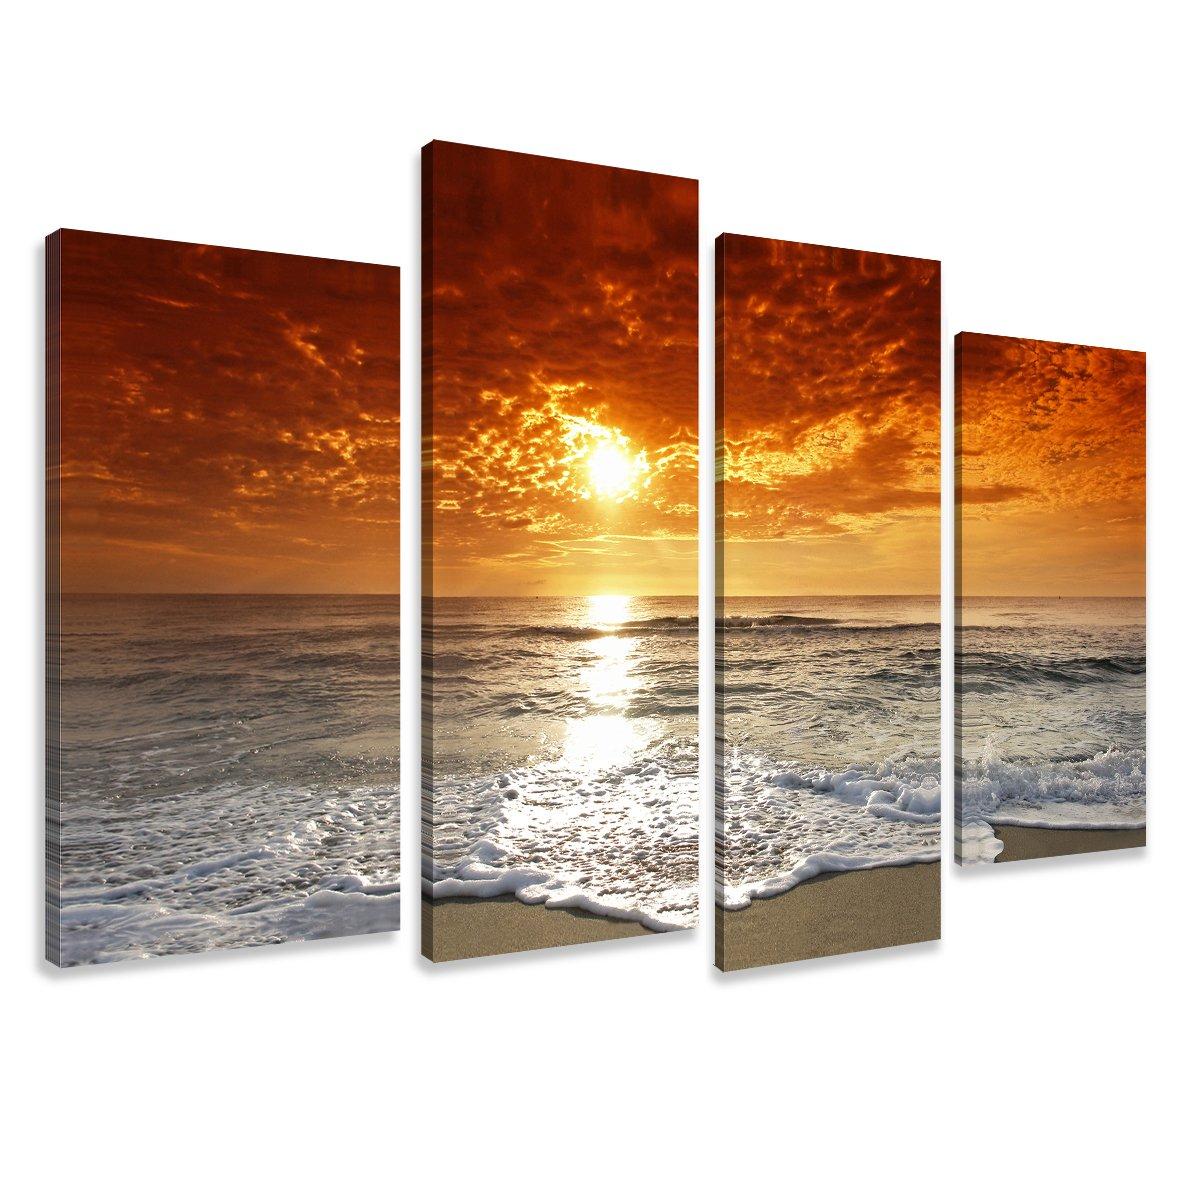 Quadro su tela water 130 x 80 cm 4 tele modello nr XXL 6038. I quadri sono montati su telai di vero legno. Stampa artistica intelaiata e pronta da appendere Visario